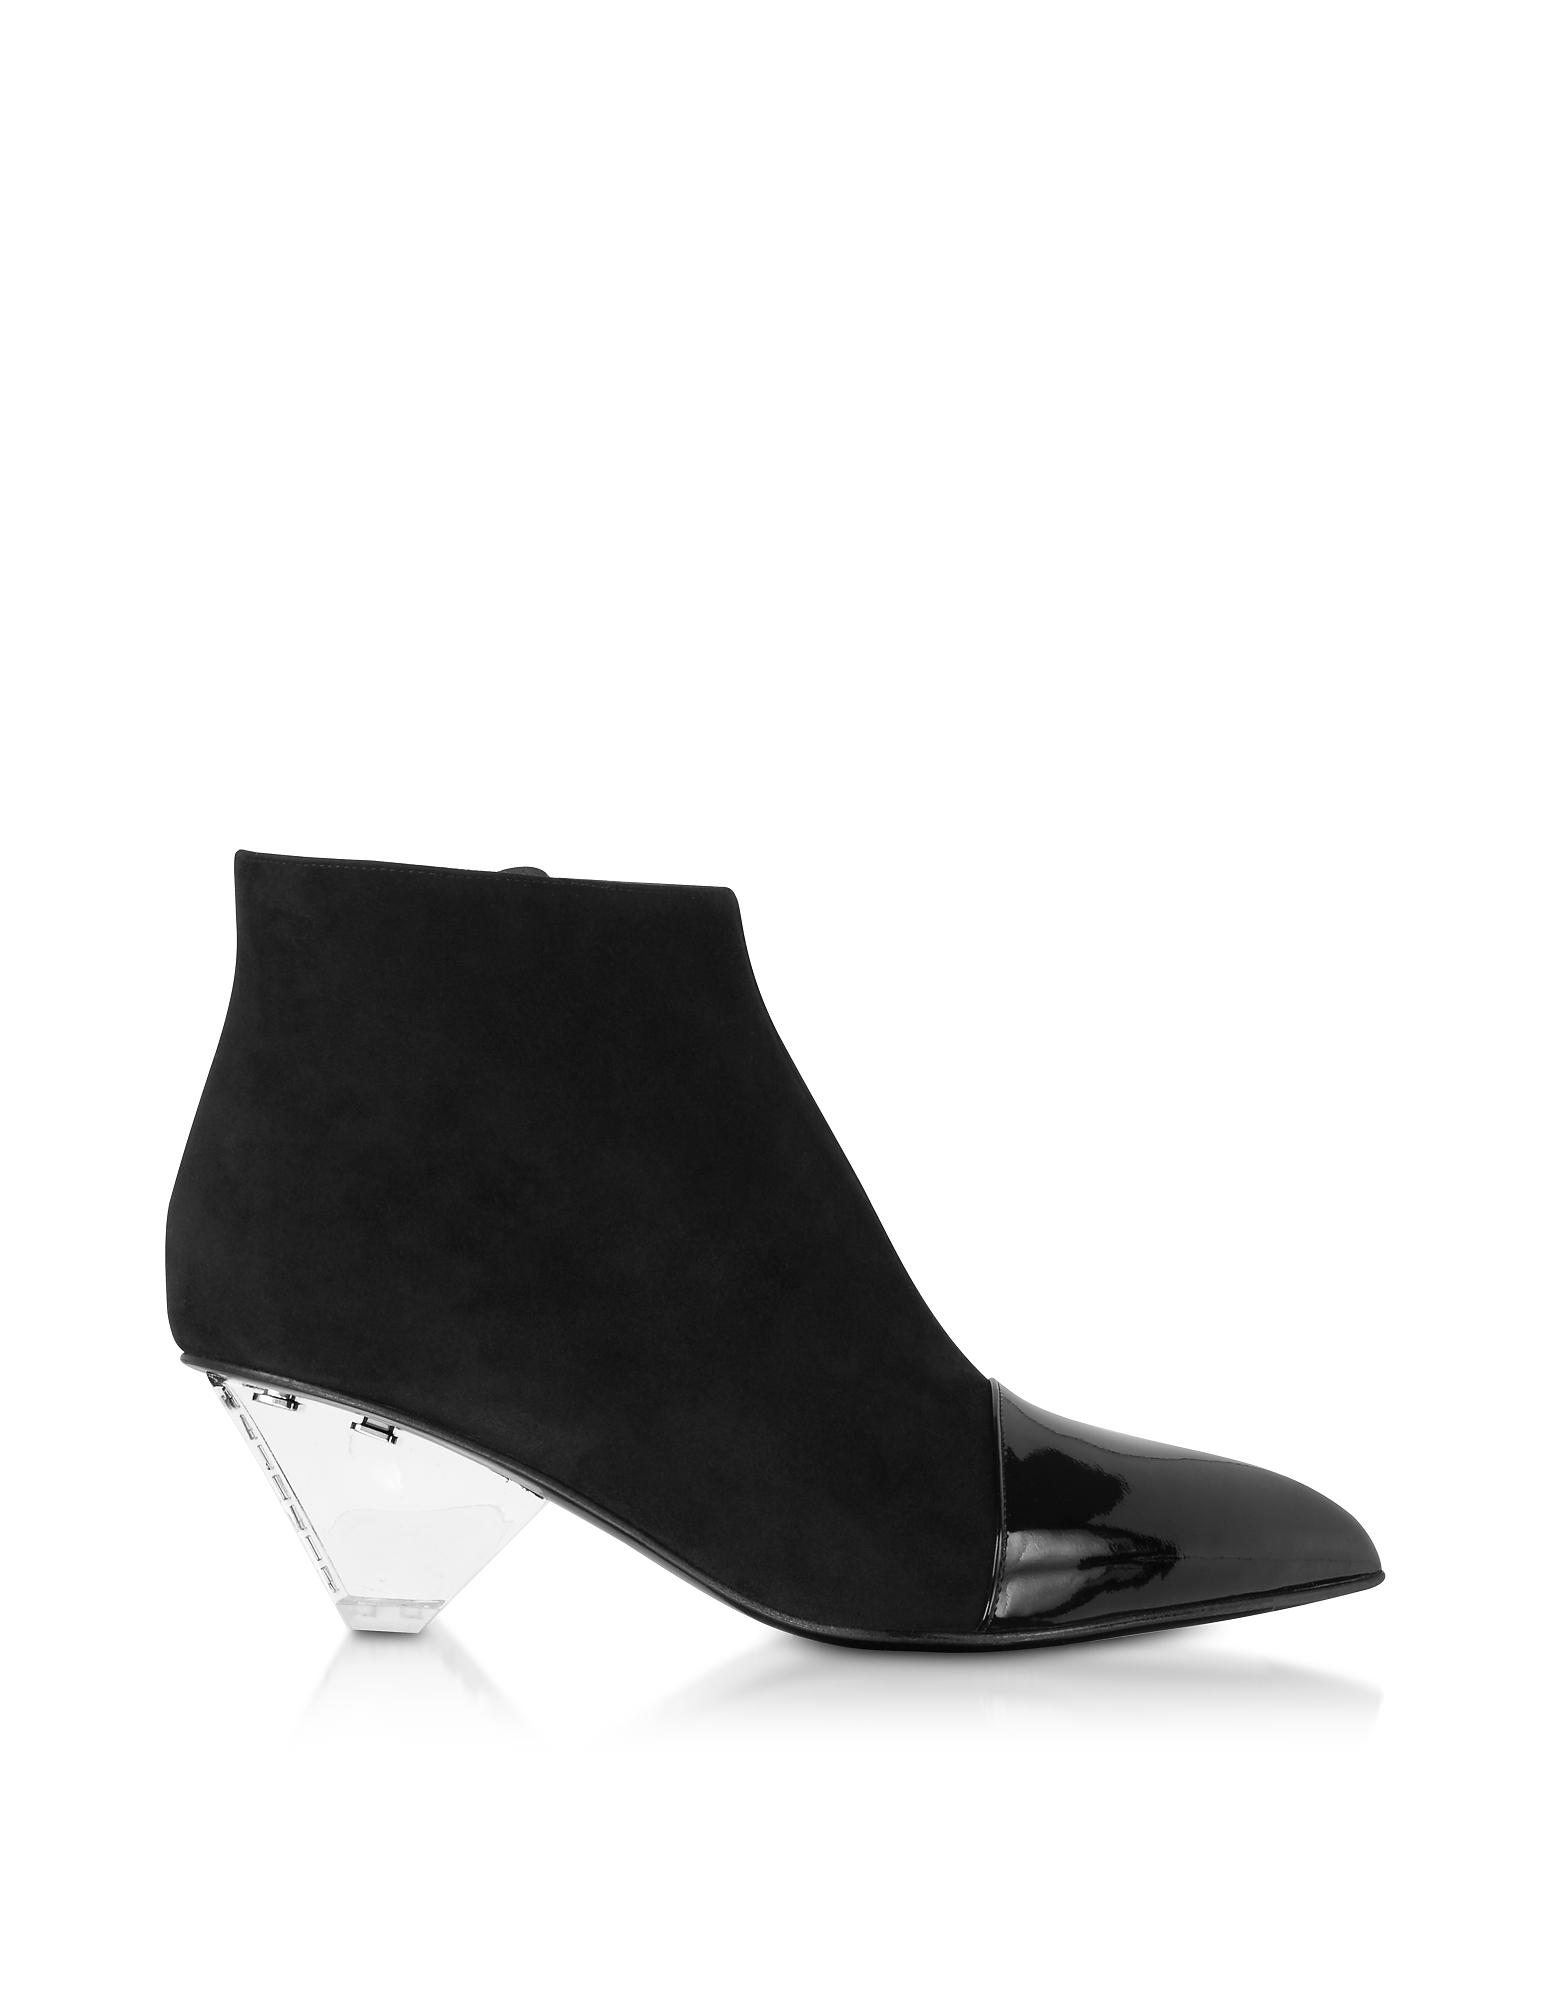 Balmain Designer Shoes, PVC Livy Ankle Boots